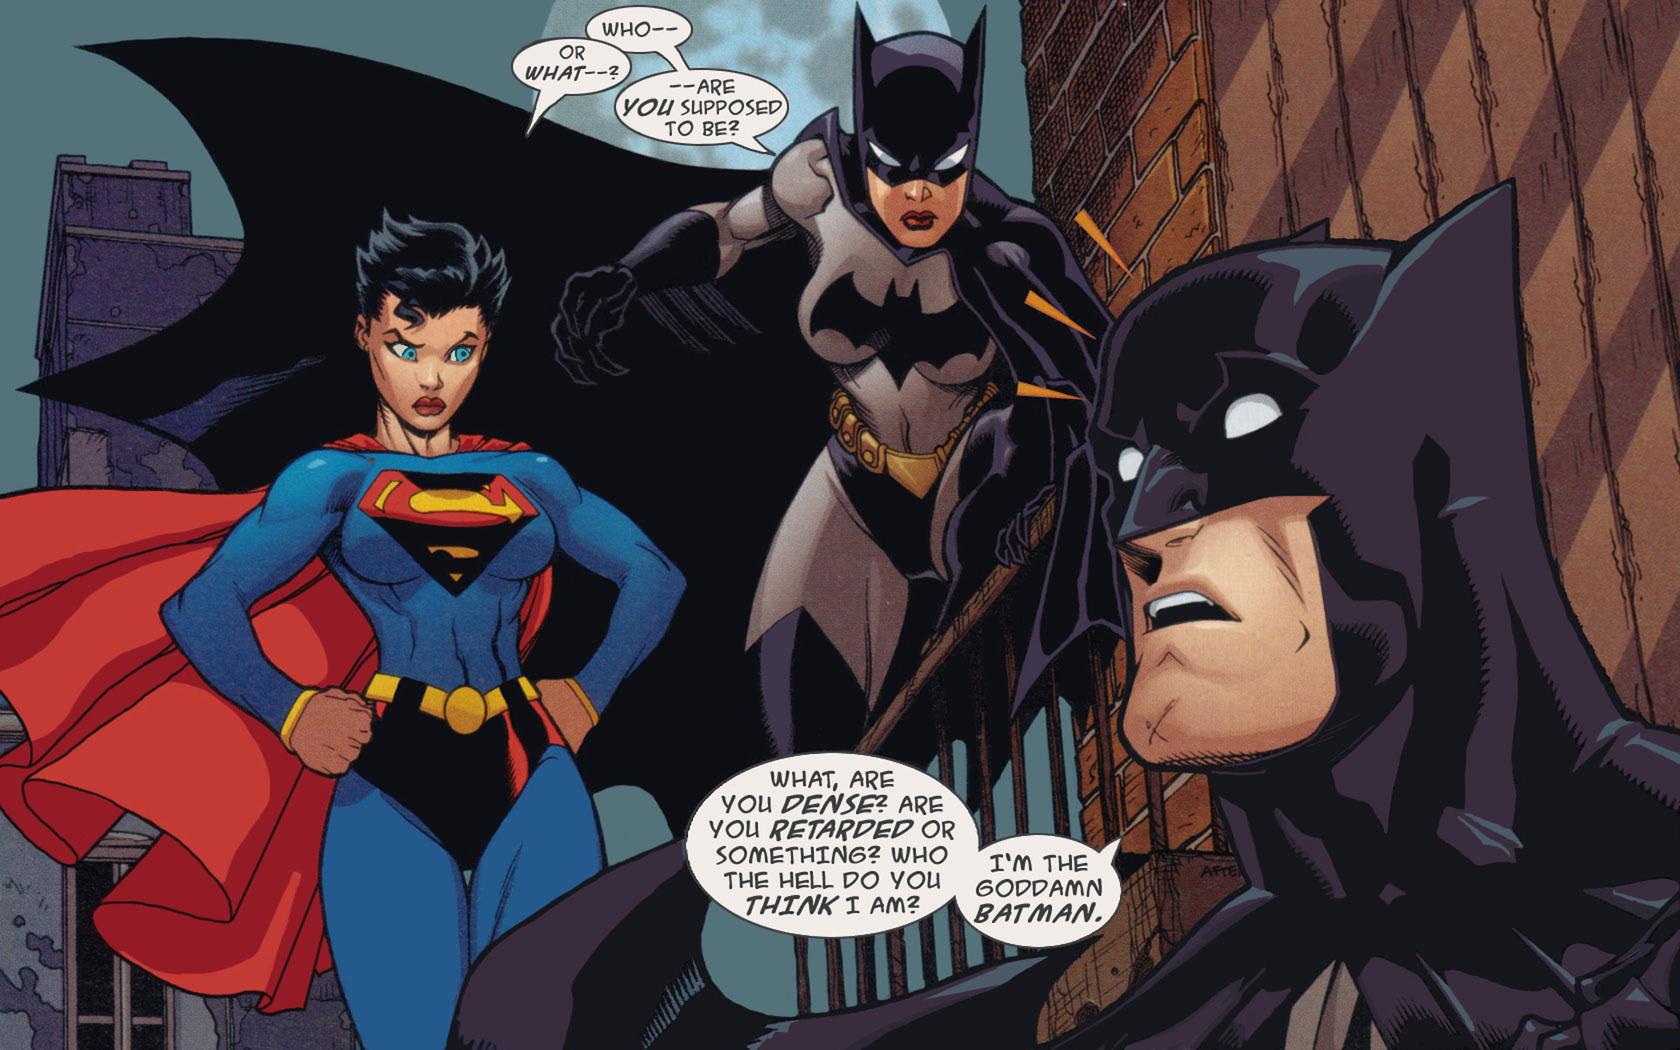 Download Superwoman Catwoman and Batman wallpaper 1680x1050